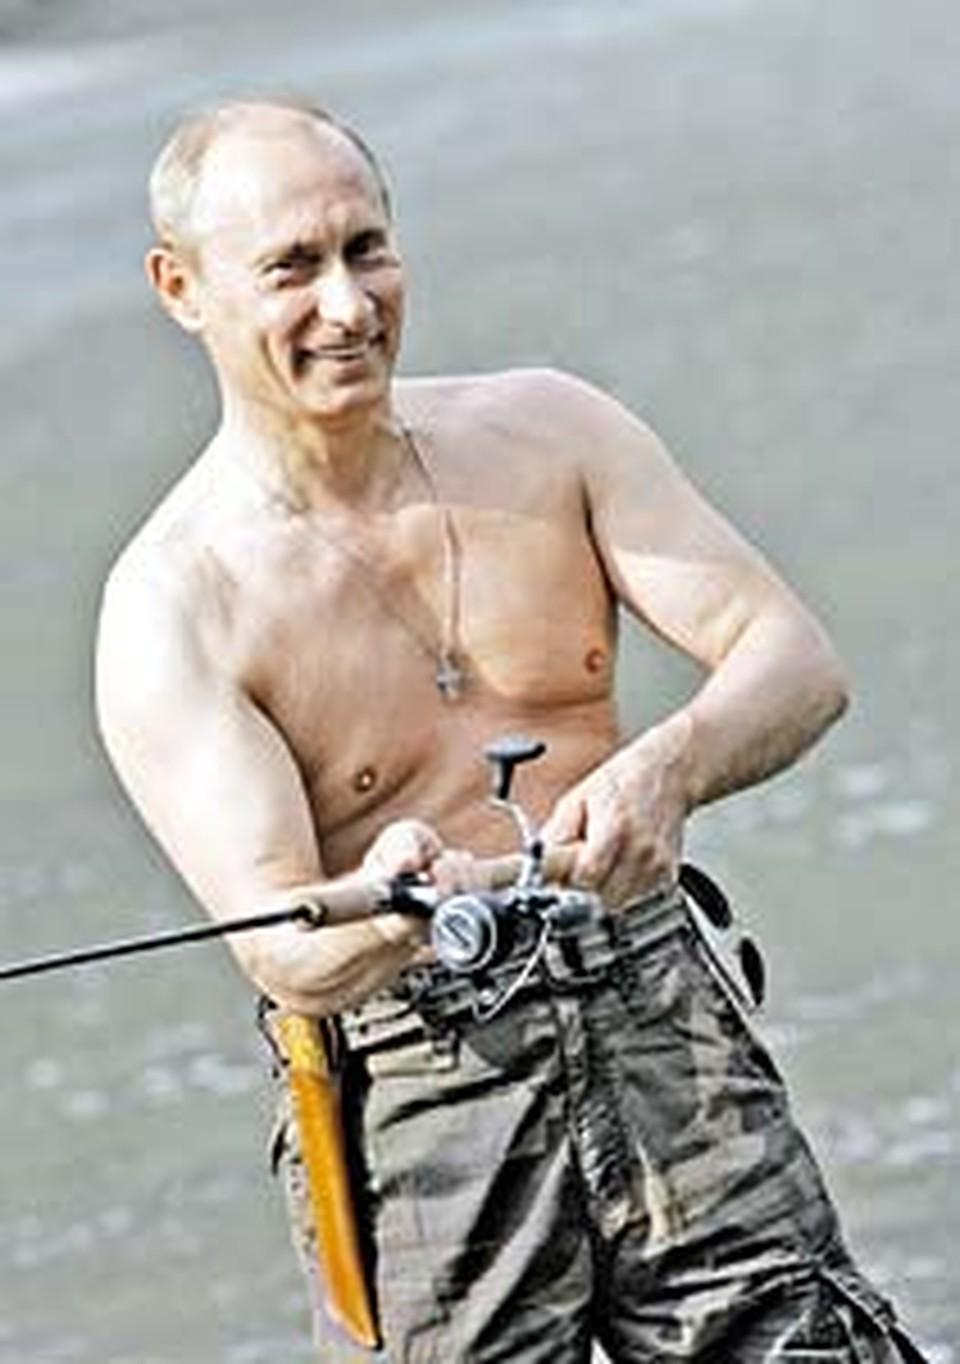 Упражнения со спиннингом делают тело гибким, а реакцию - молниеносной. Теперь в Кремль модно приходить в кимоно и с удочкой!